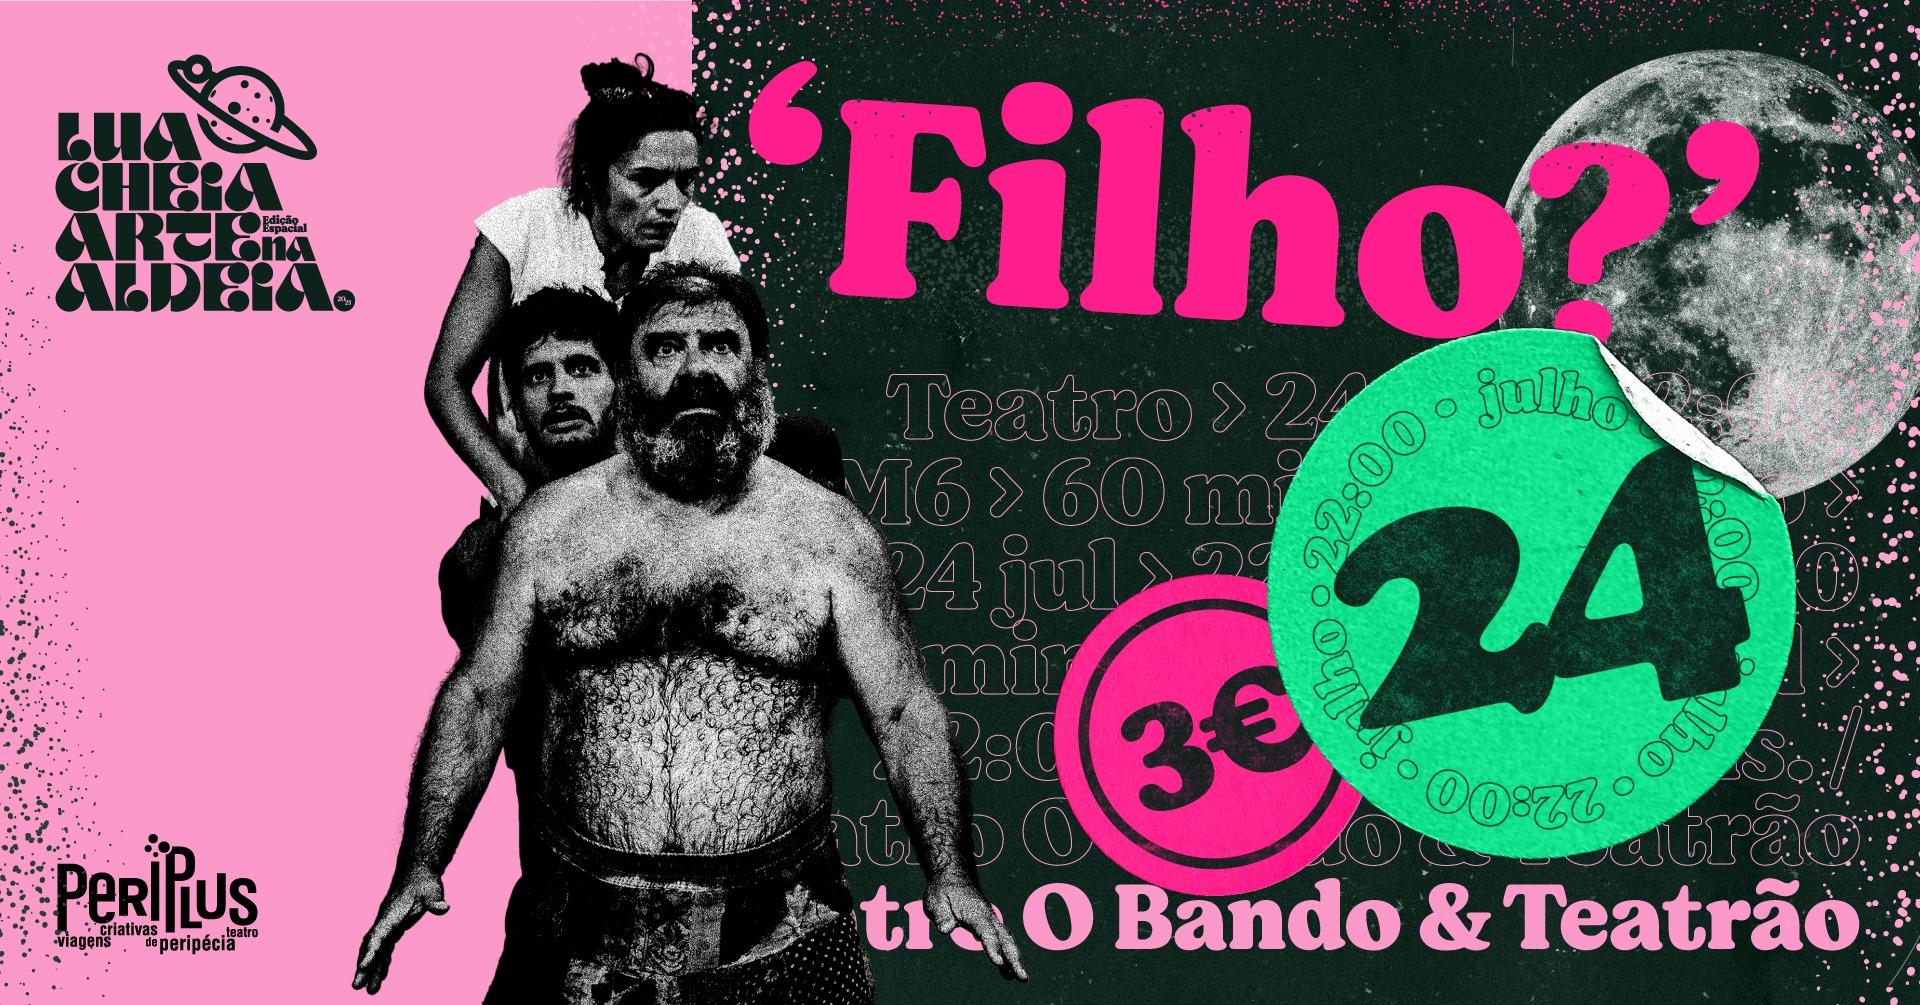 Lua Cheia Arte na Aldeia   'Filho?' - Teatro O Bando + Teatrão   Teatro   M6   60 mins